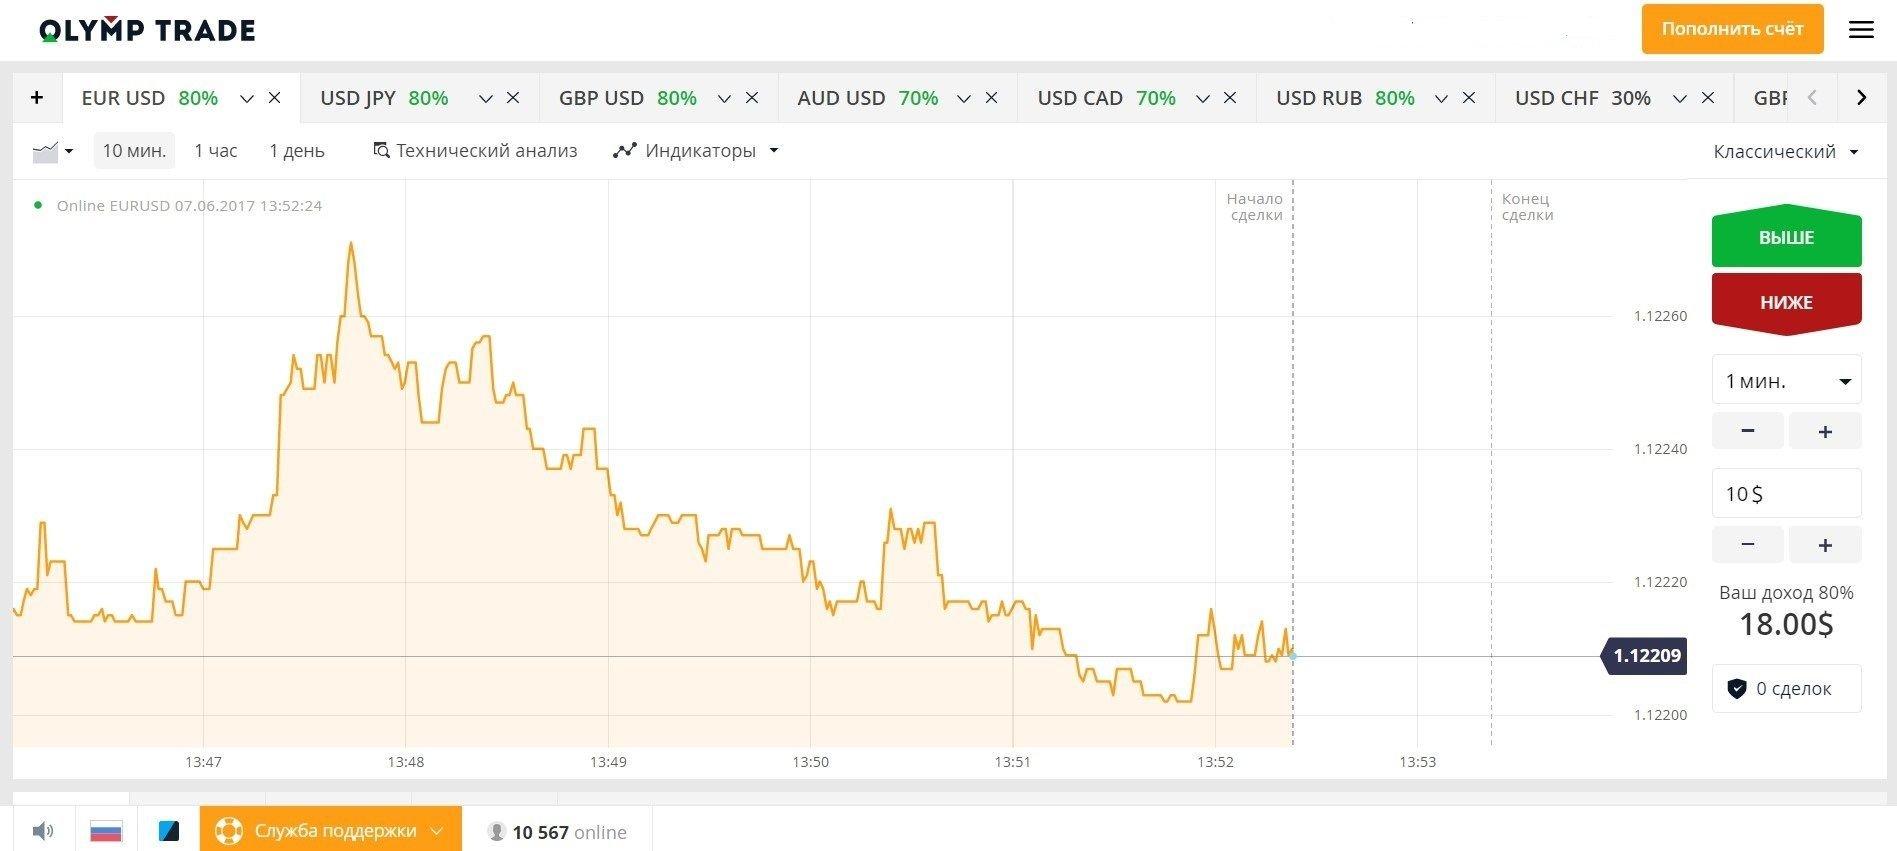 Botas, skirtas bitkoinui gaminti, Forex Signalų Aptarnavimo Apžvalga